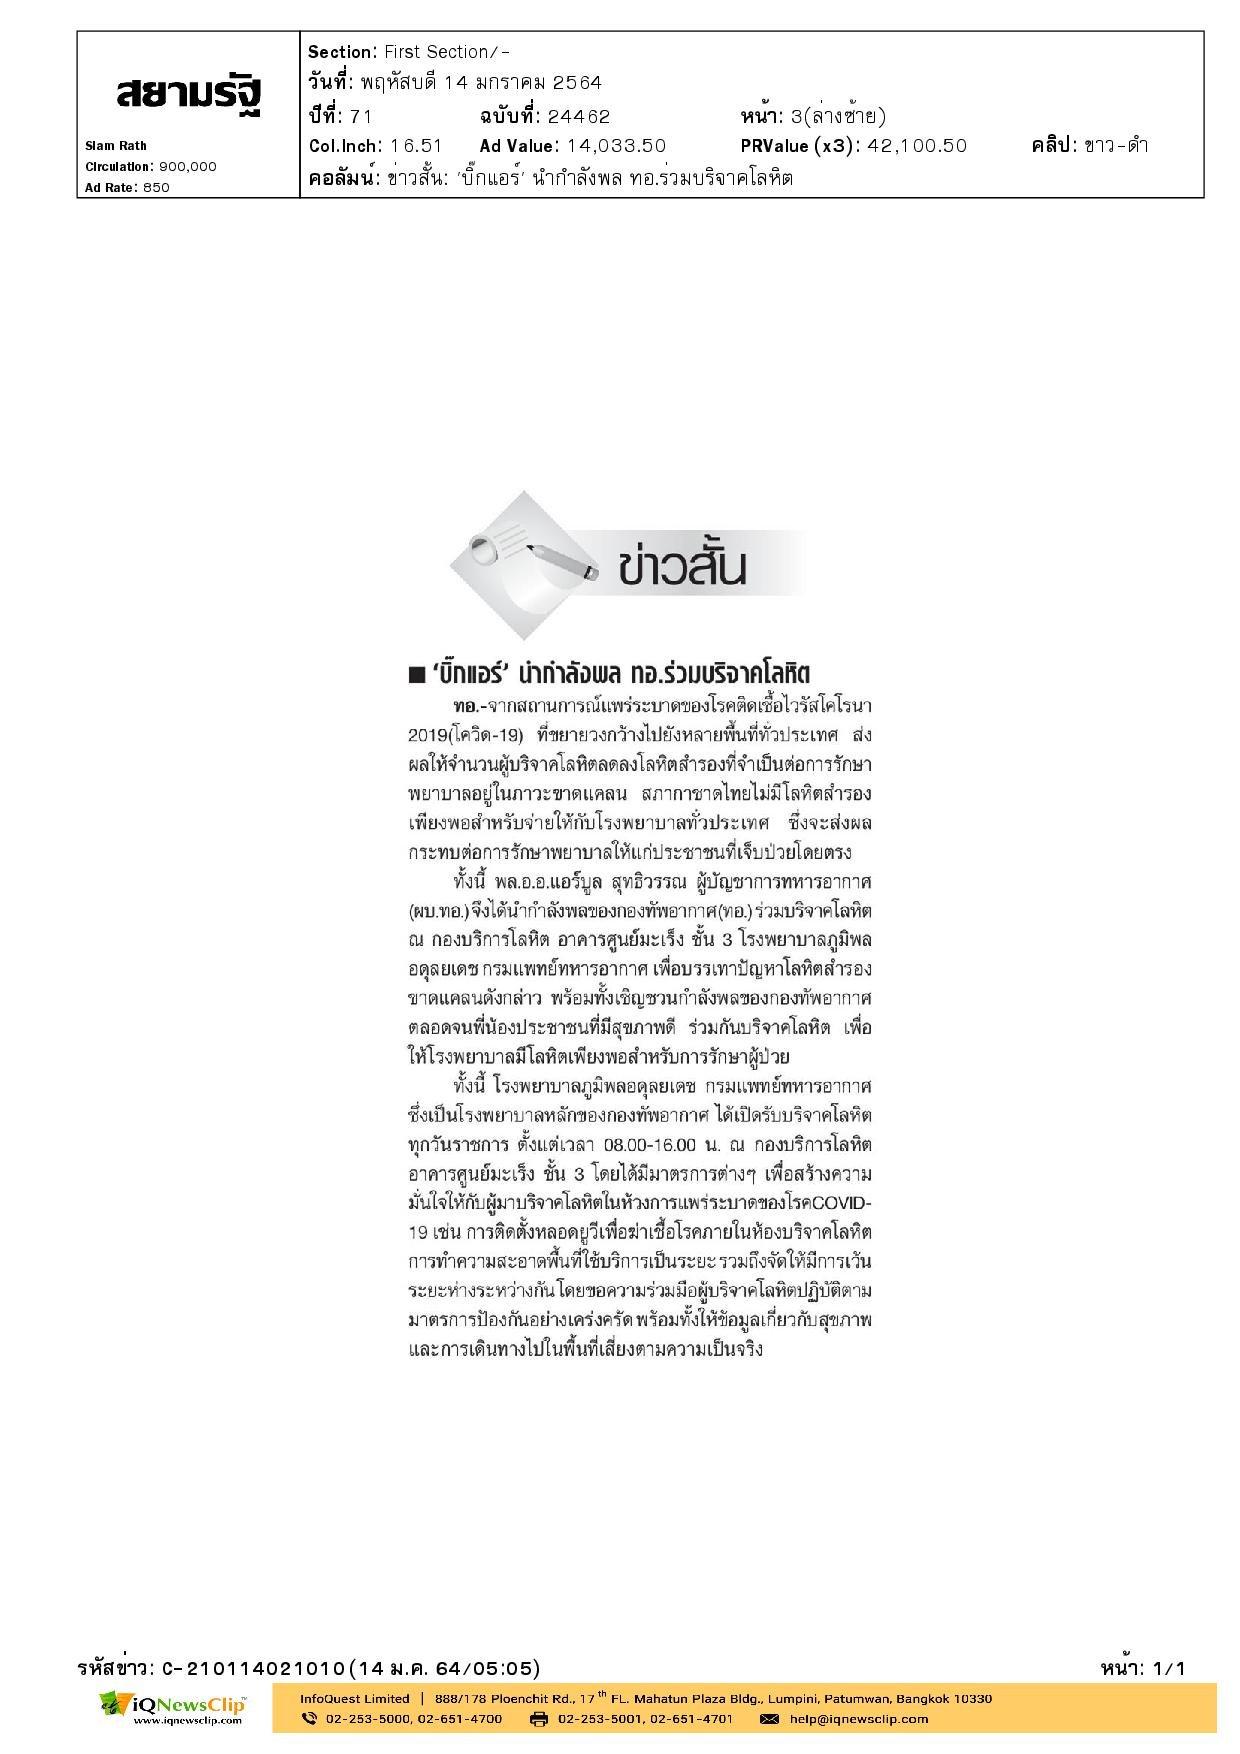 ร่วมบริจาคโลหิต สำรองในช่วงการแพร่ระบาดโควิด-19